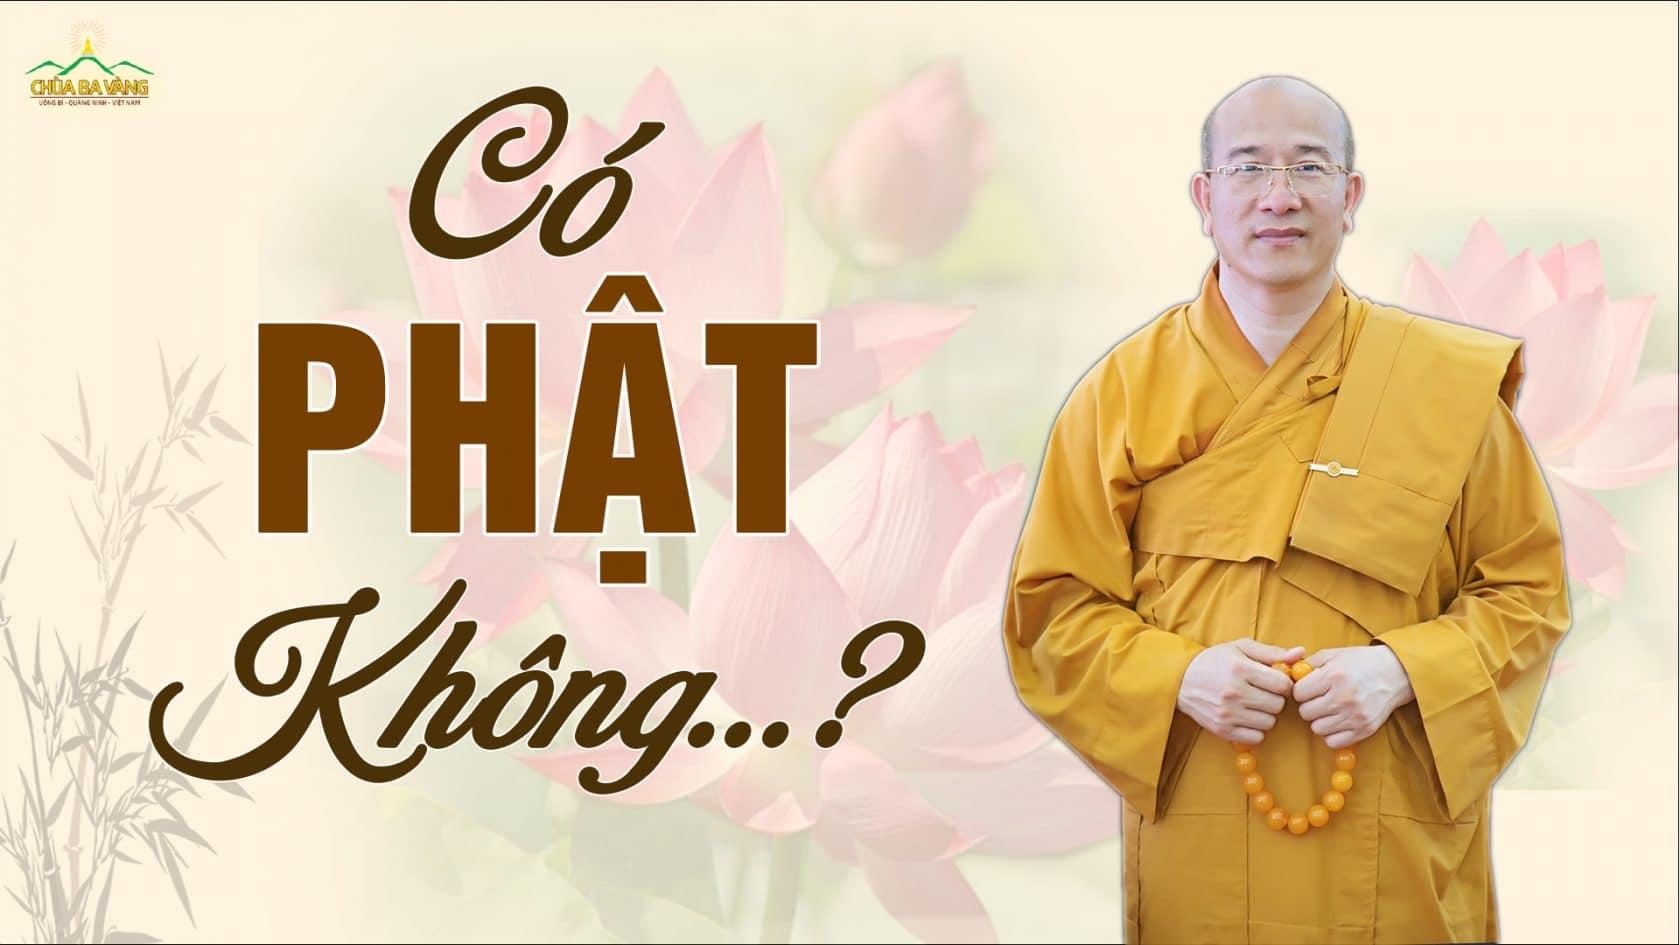 Có Phật không? Kinh mi tiên vấn đáp câu 49